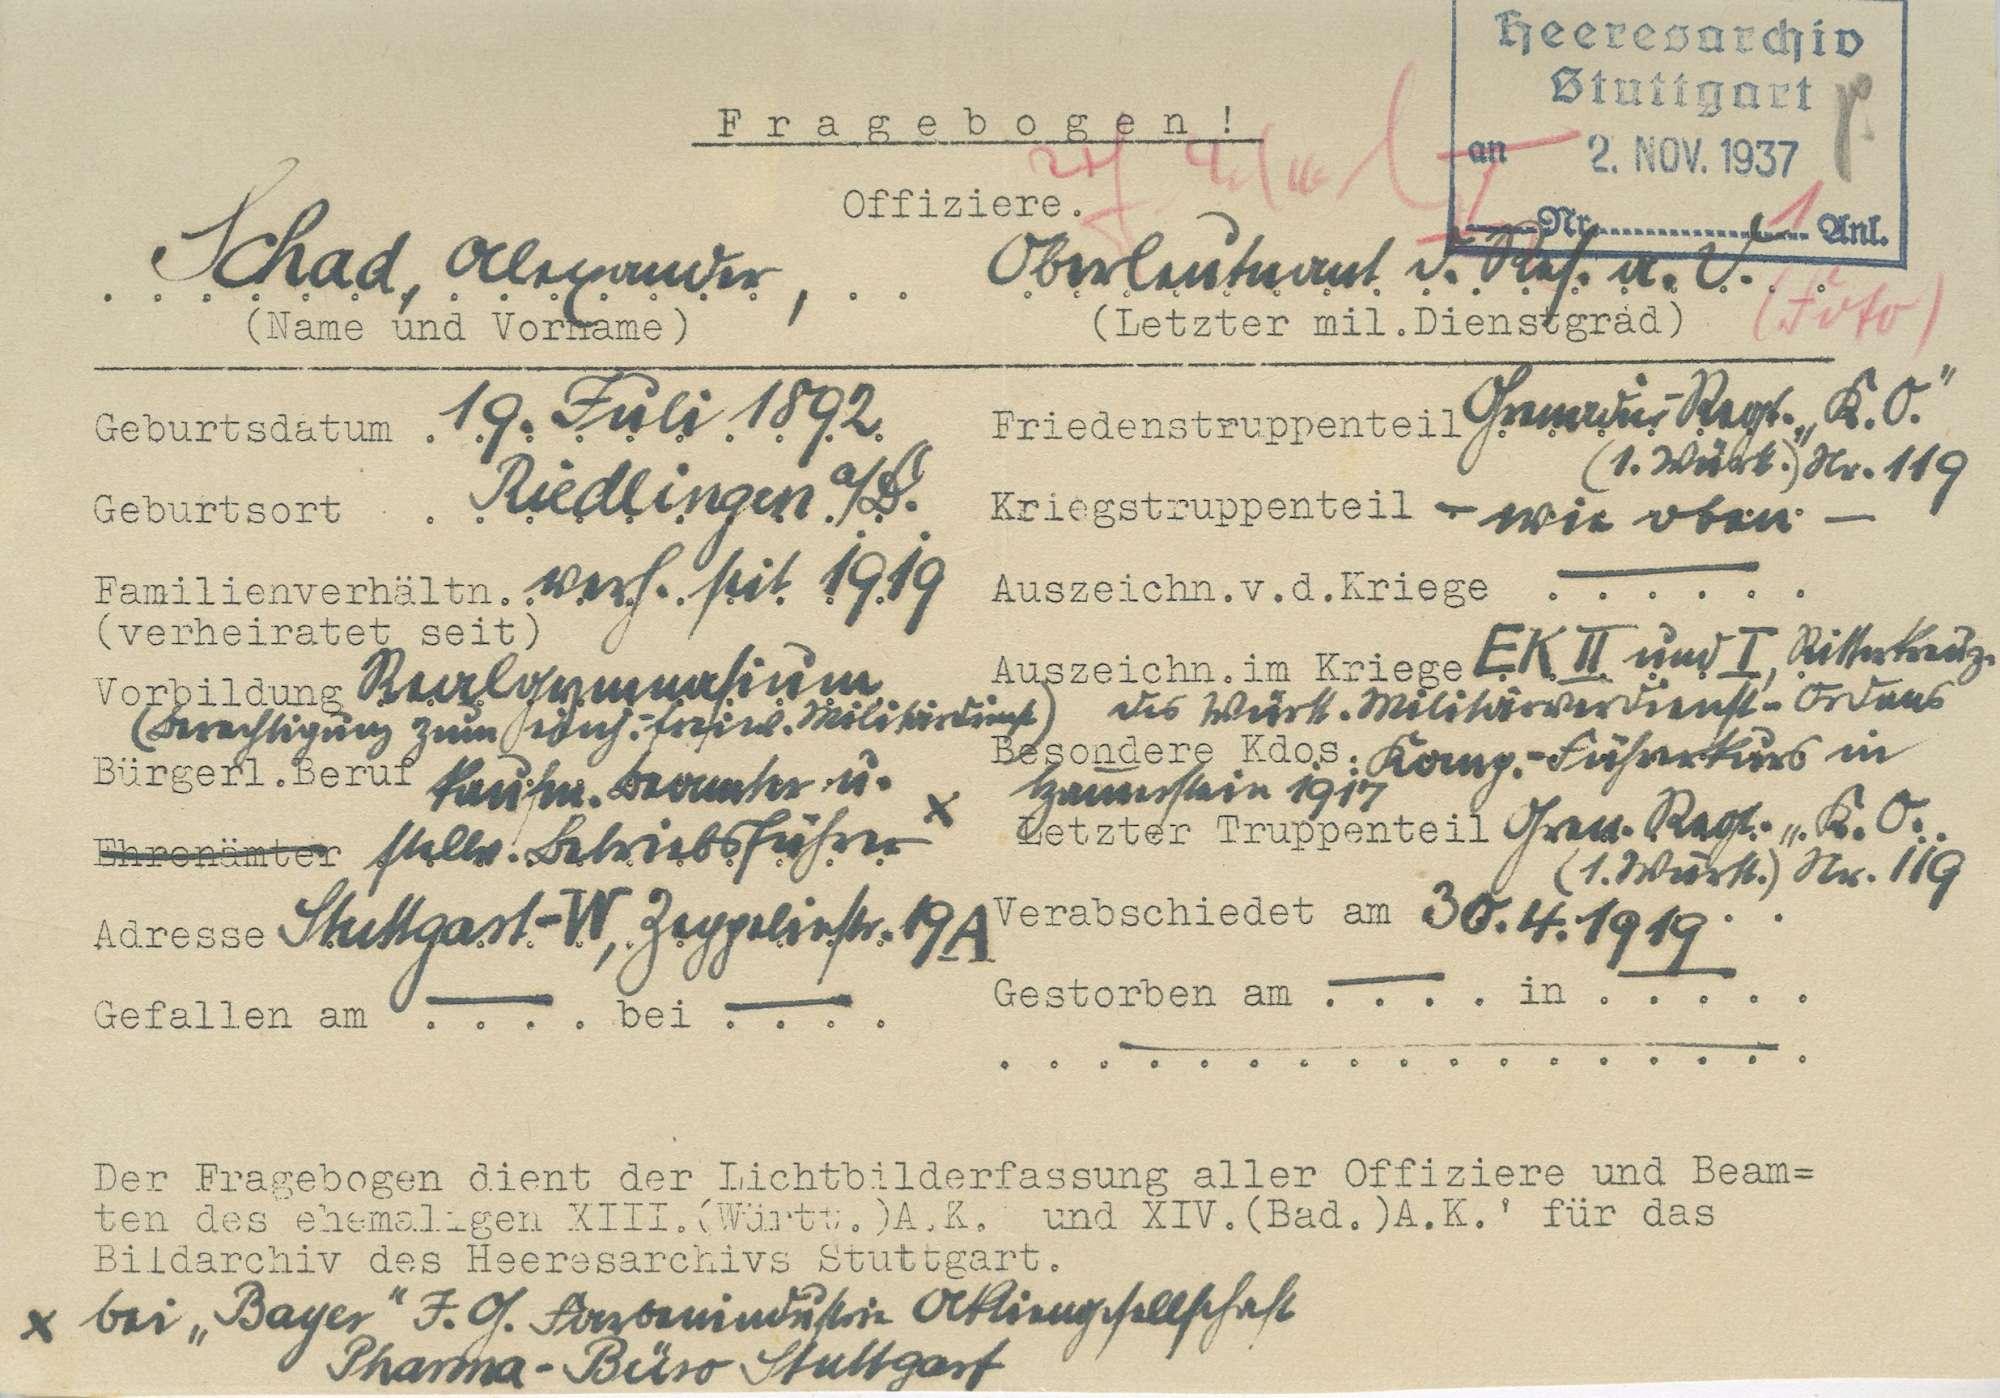 Schad, Alexander, Bild 2